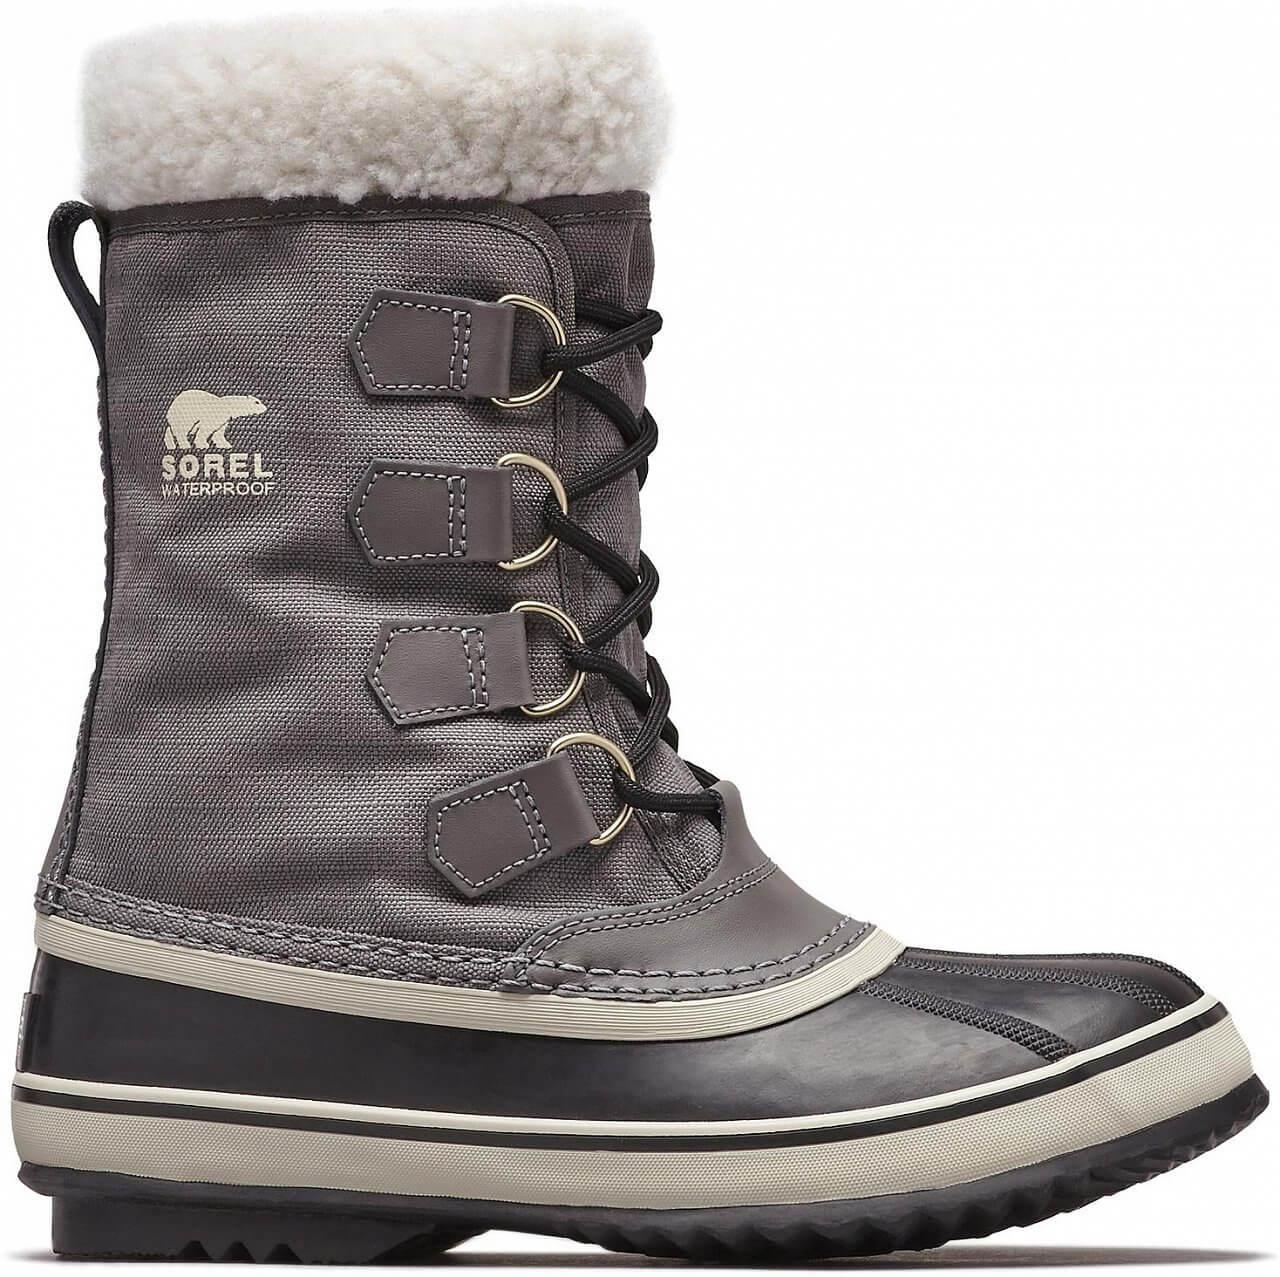 71ee2a2af0 Dámska zimná obuv Sorel Winter Carnival